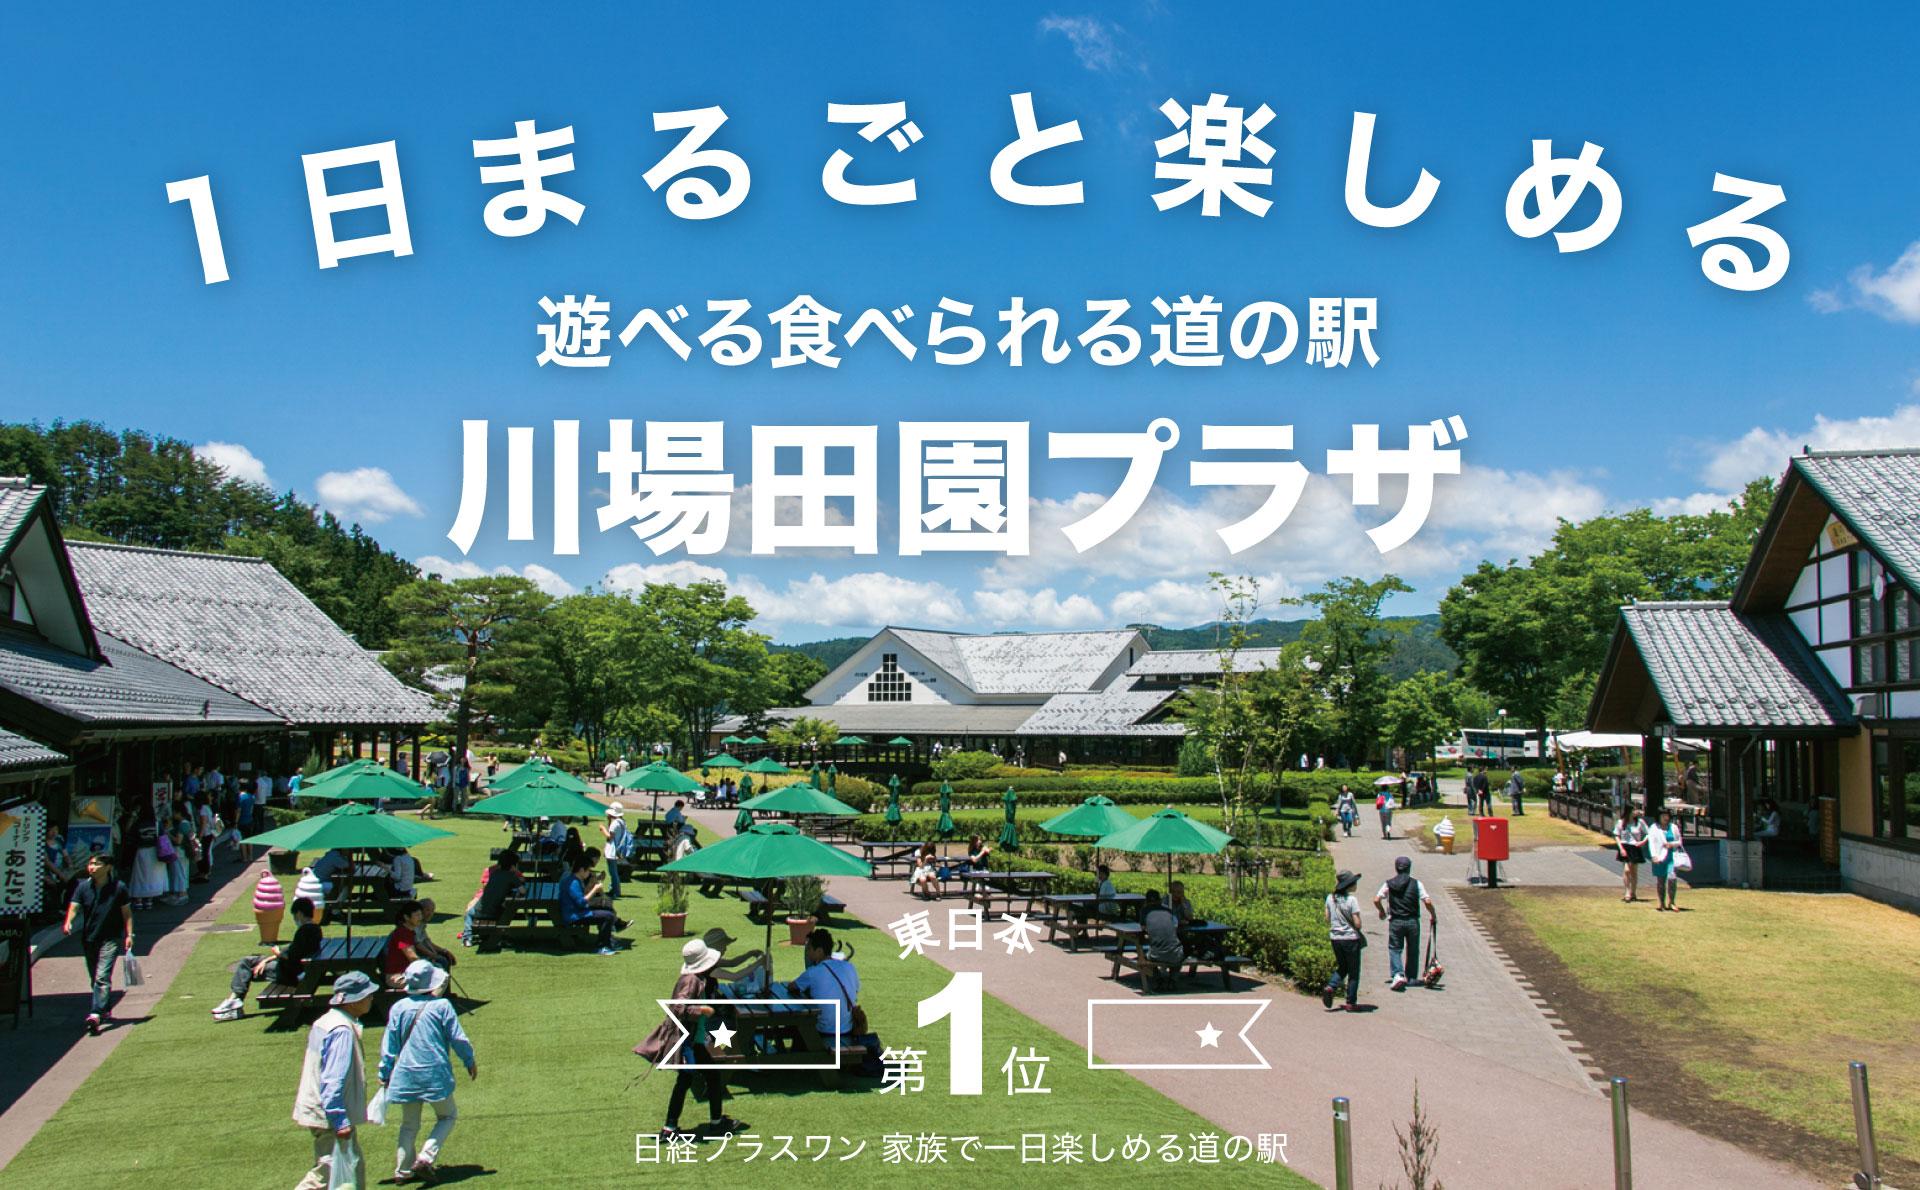 【職場旅行モデルコース】 世界遺産・富岡製糸場と田園プラザ川場の旅 2日間